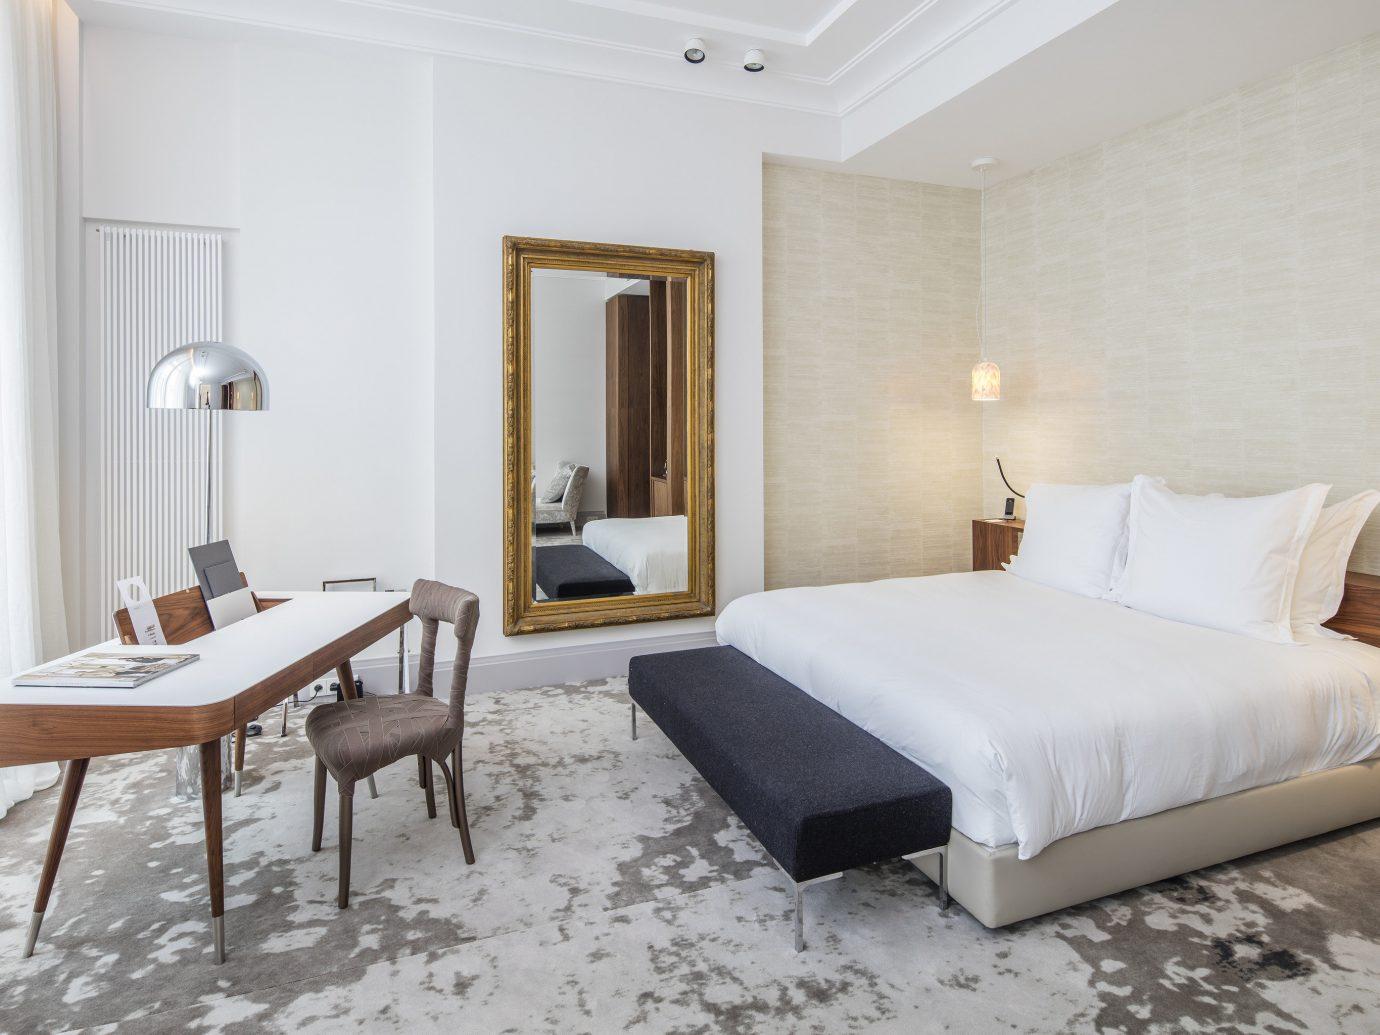 Trip Ideas wall indoor bed floor room property hotel Bedroom Suite furniture interior design cottage real estate living room estate Villa apartment bed frame several